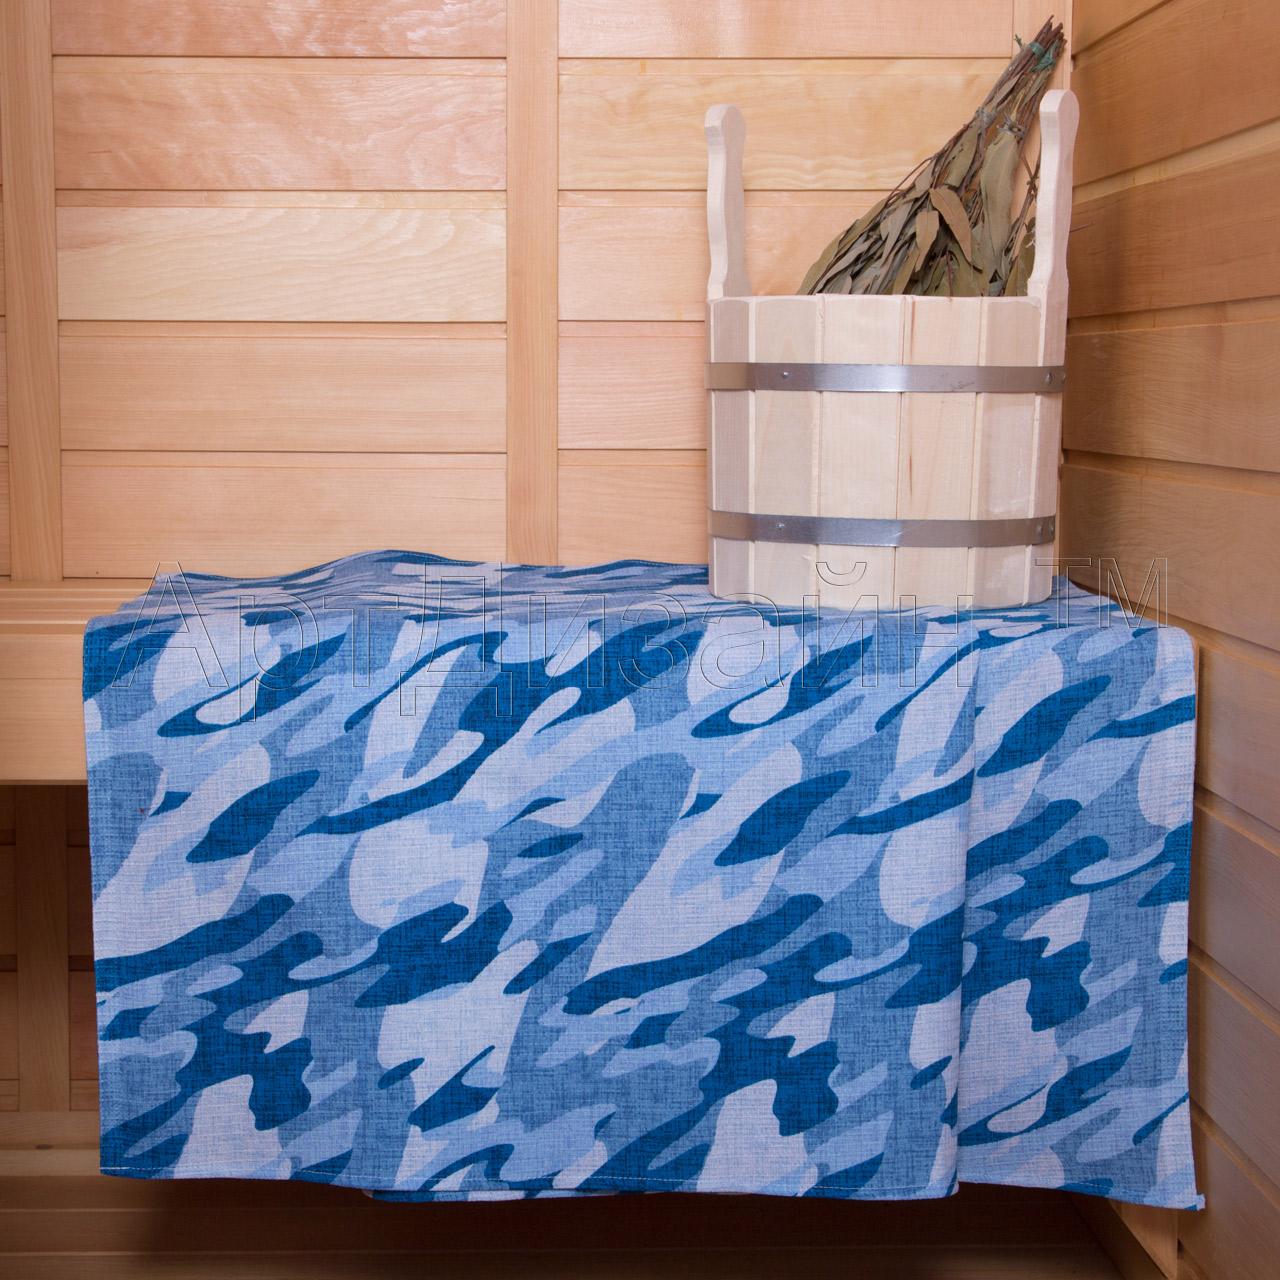 Вафельное полотенце Камуфляж Синий р. 80х150Полотенца вафельные<br>Плотность: 160 г/кв. м<br><br>Тип: Вафельное полотенце<br>Размер: 80х150<br>Материал: Вафельное полотно